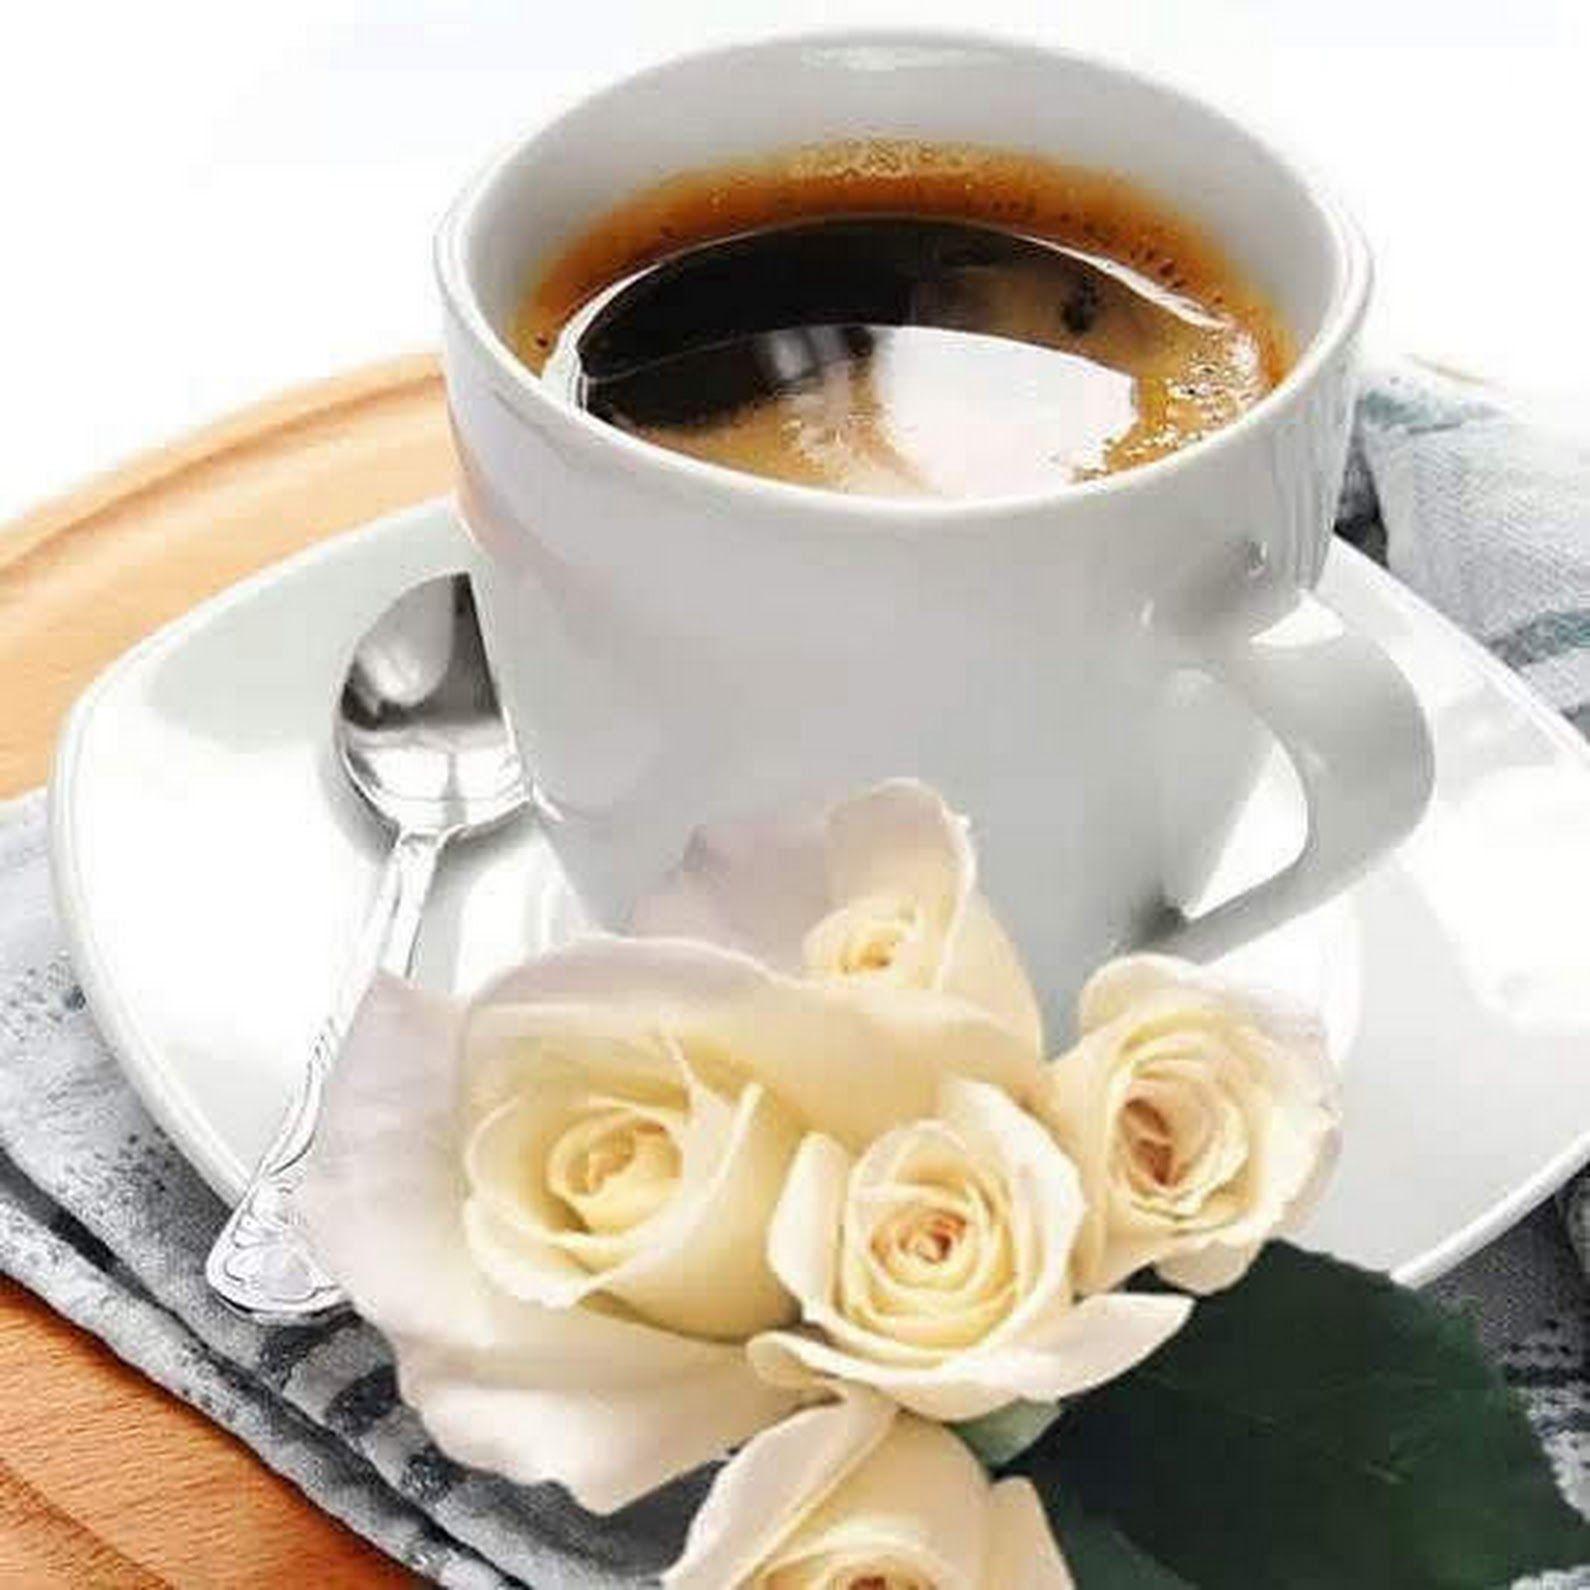 чего картинки с большой чашкой кофе для валентины одно основных